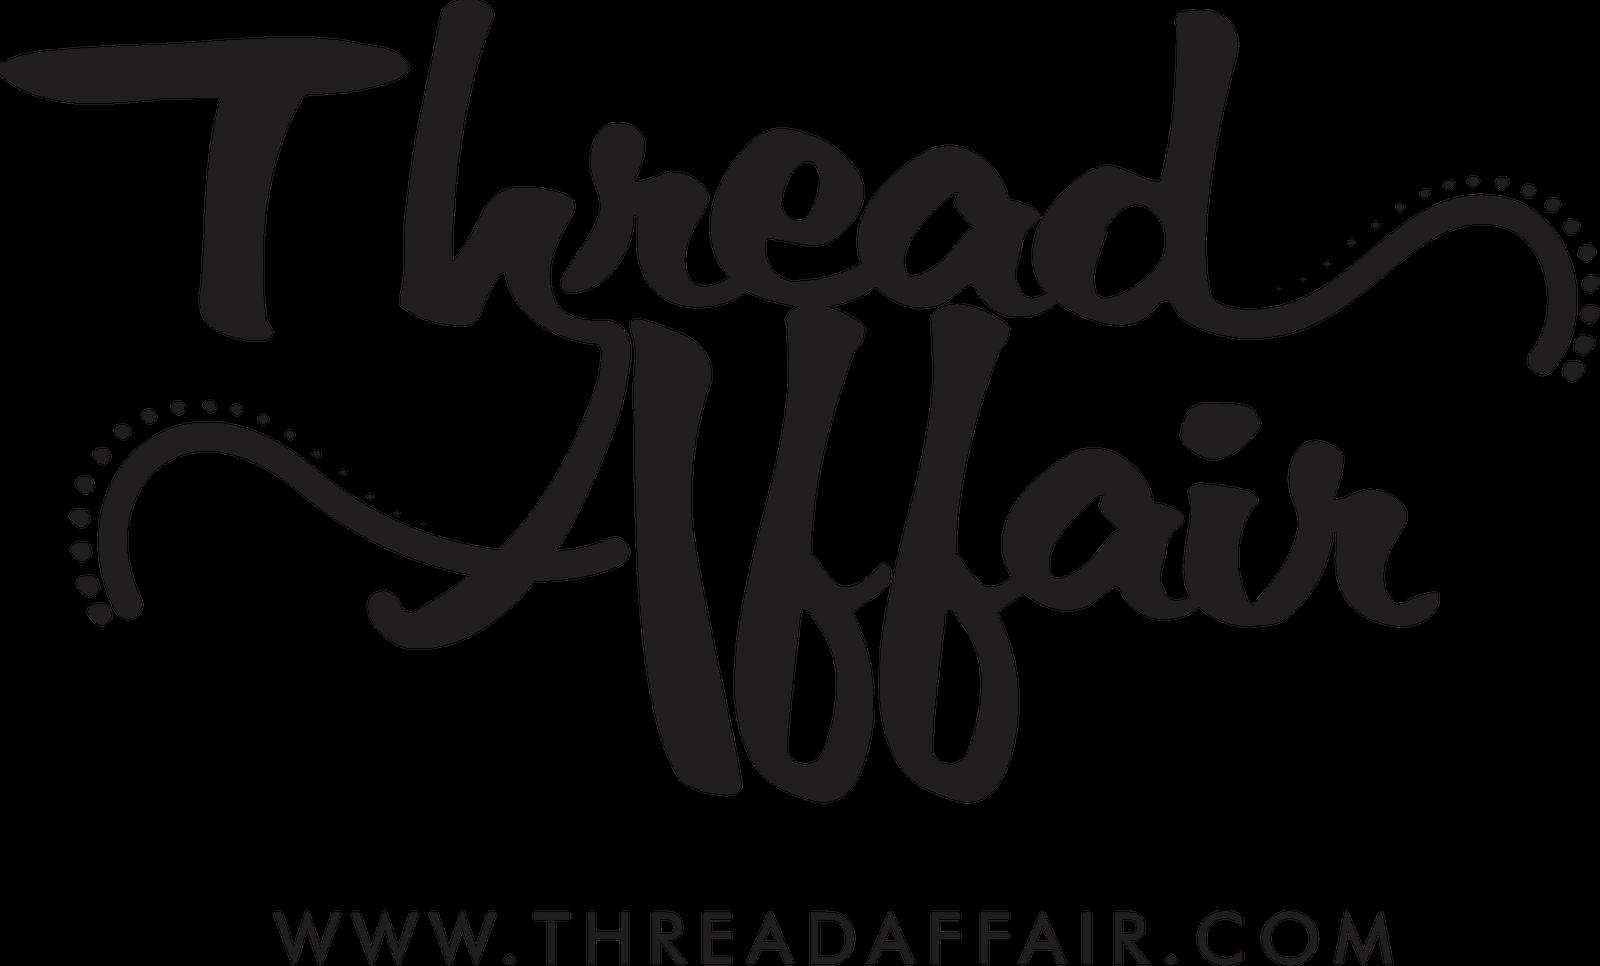 ThreadAffair